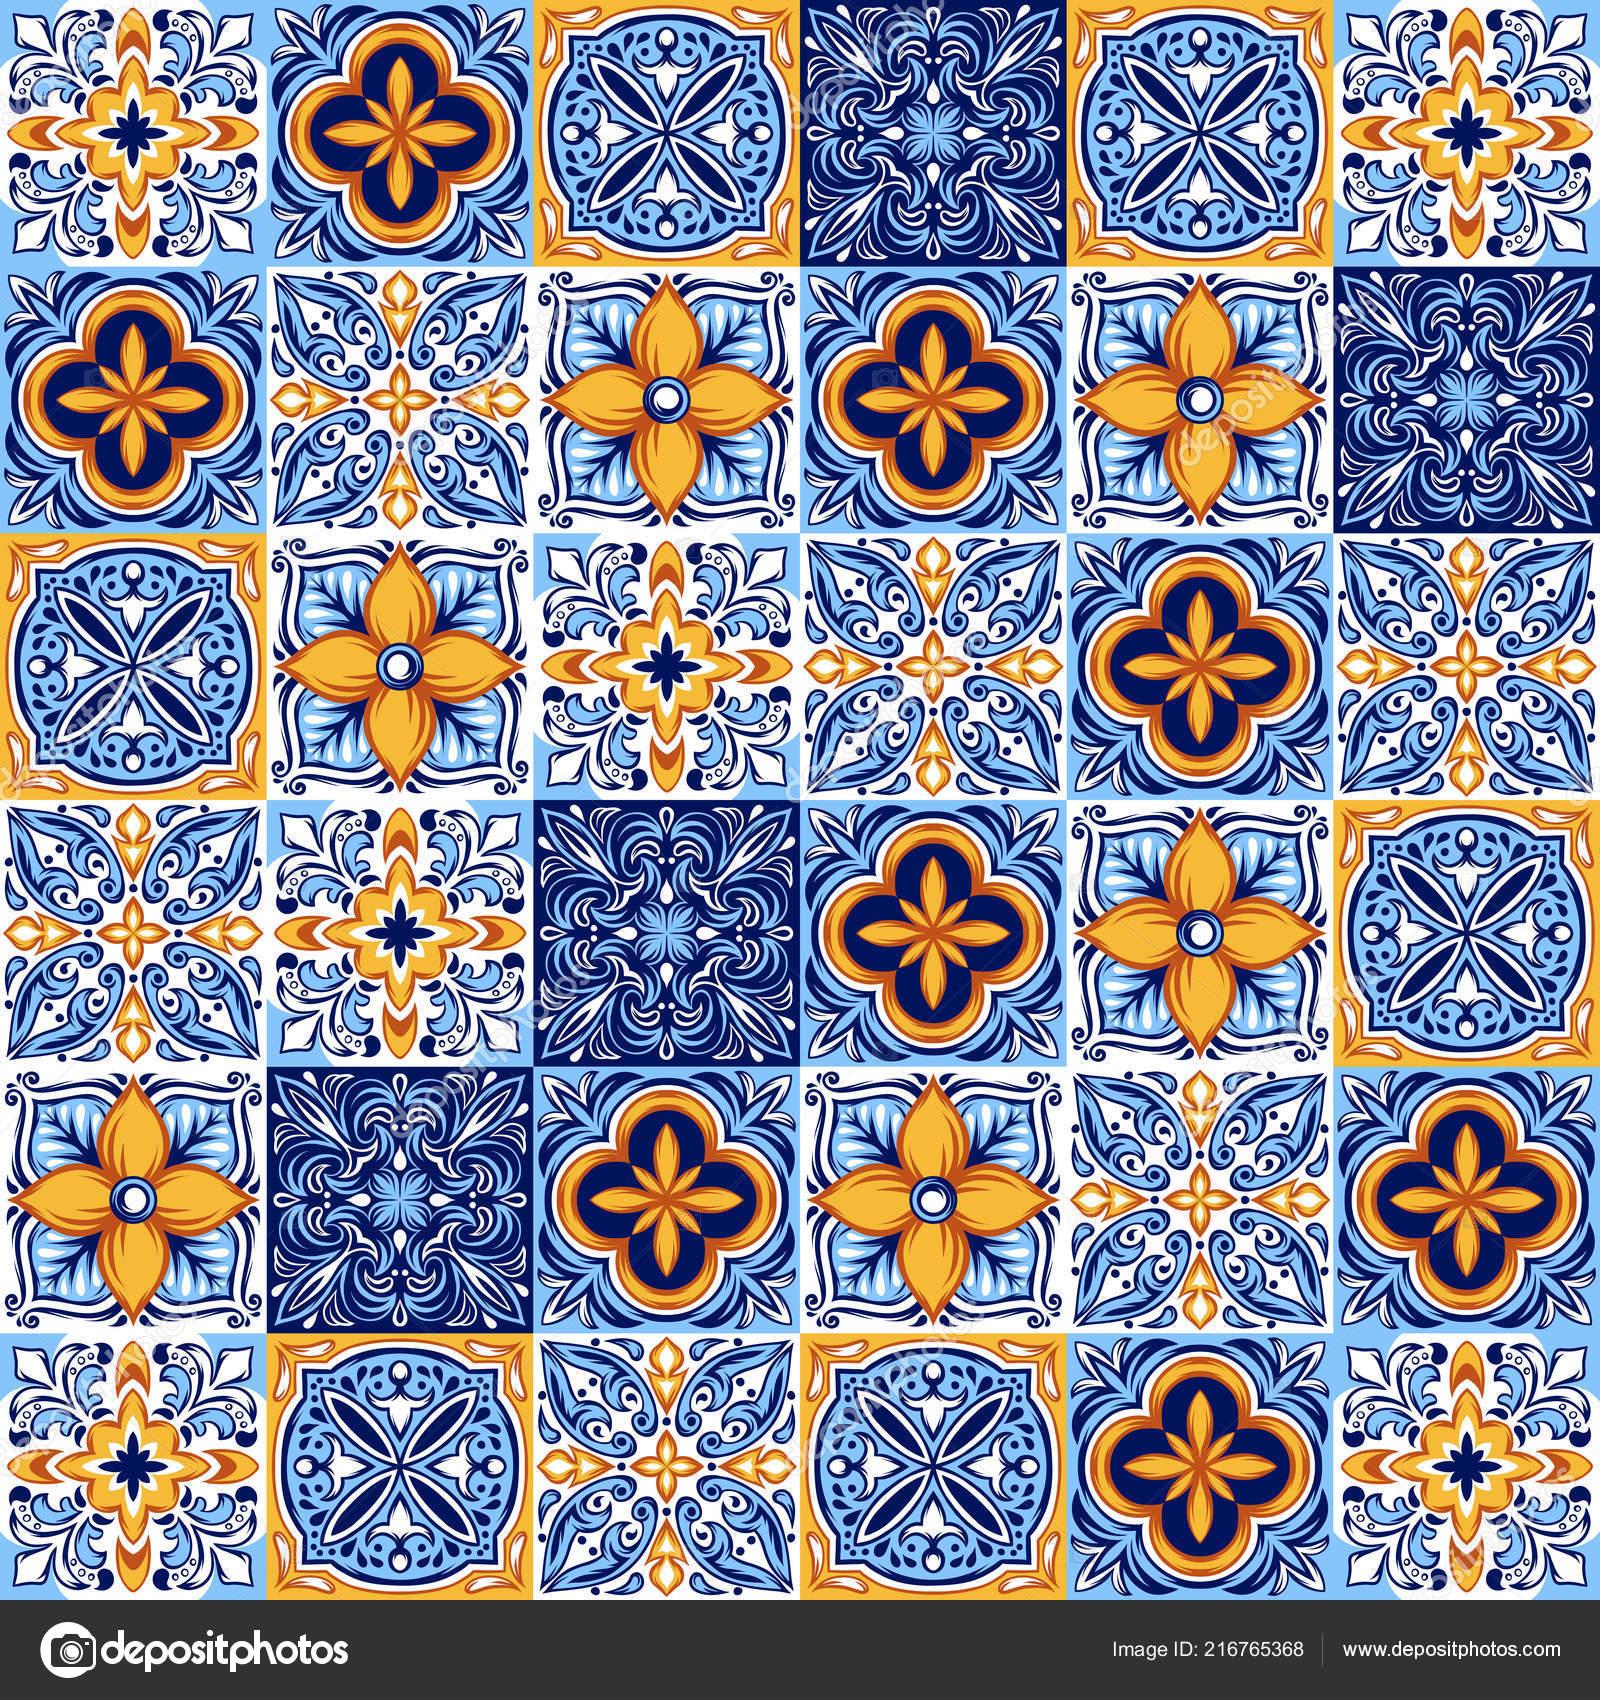 Italiaanse Keramische Vloertegels.Italiaanse Keramische Tegels Patroon Etnische Folk Sieraad